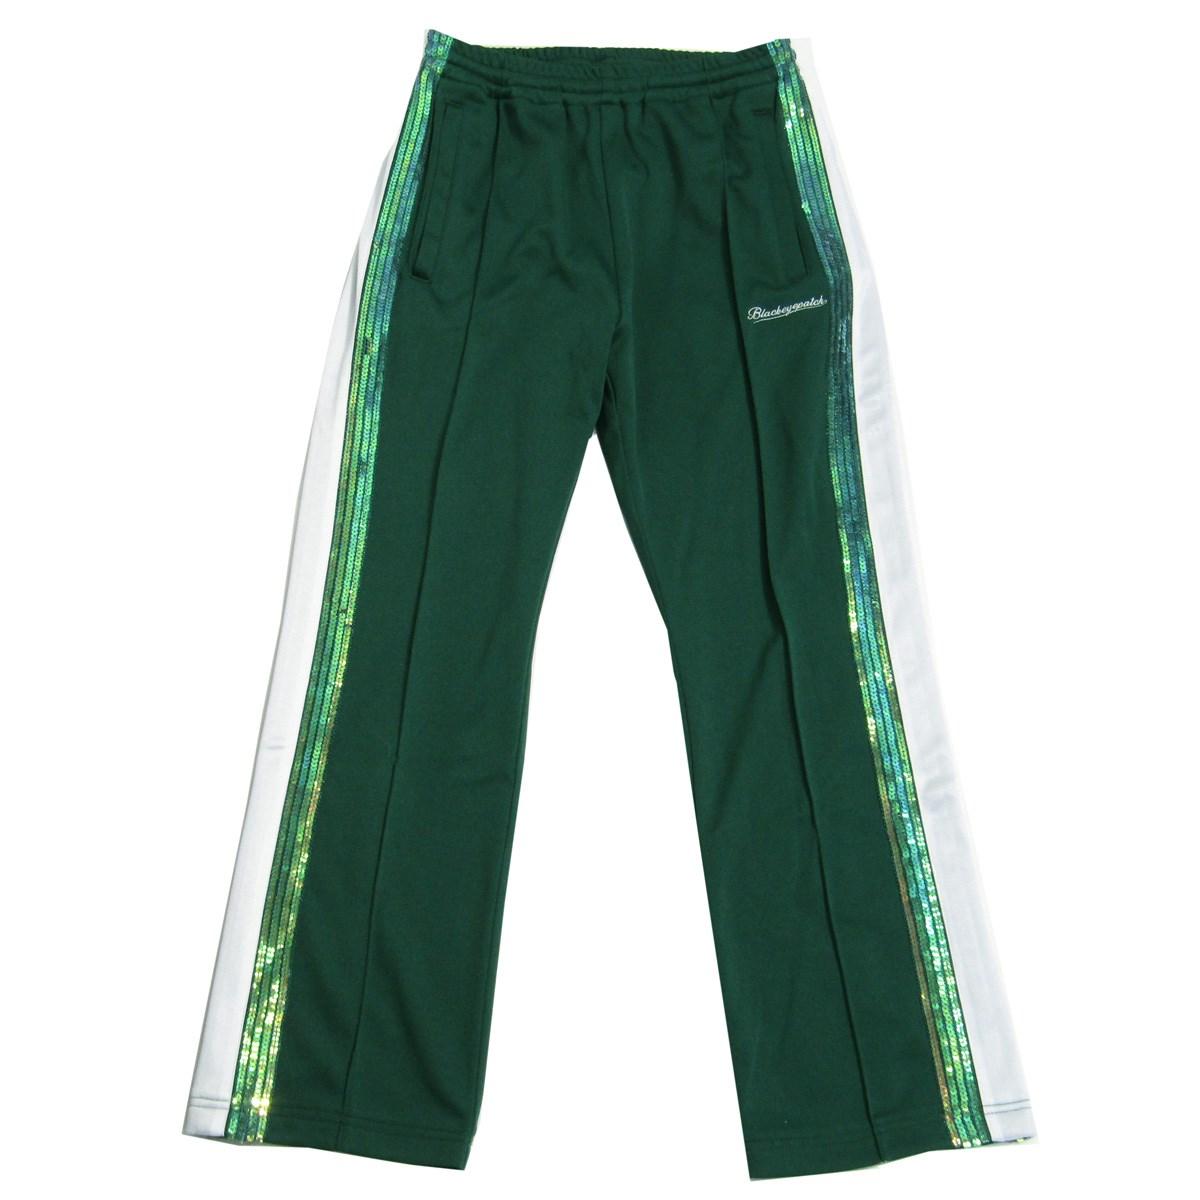 【中古】THE BLACK EYE PATCH 2020SS Spangle Jersey Track Pants ジャージートラックパンツ グリーン サイズ:M 【230820】(ブラックアイパッチ)